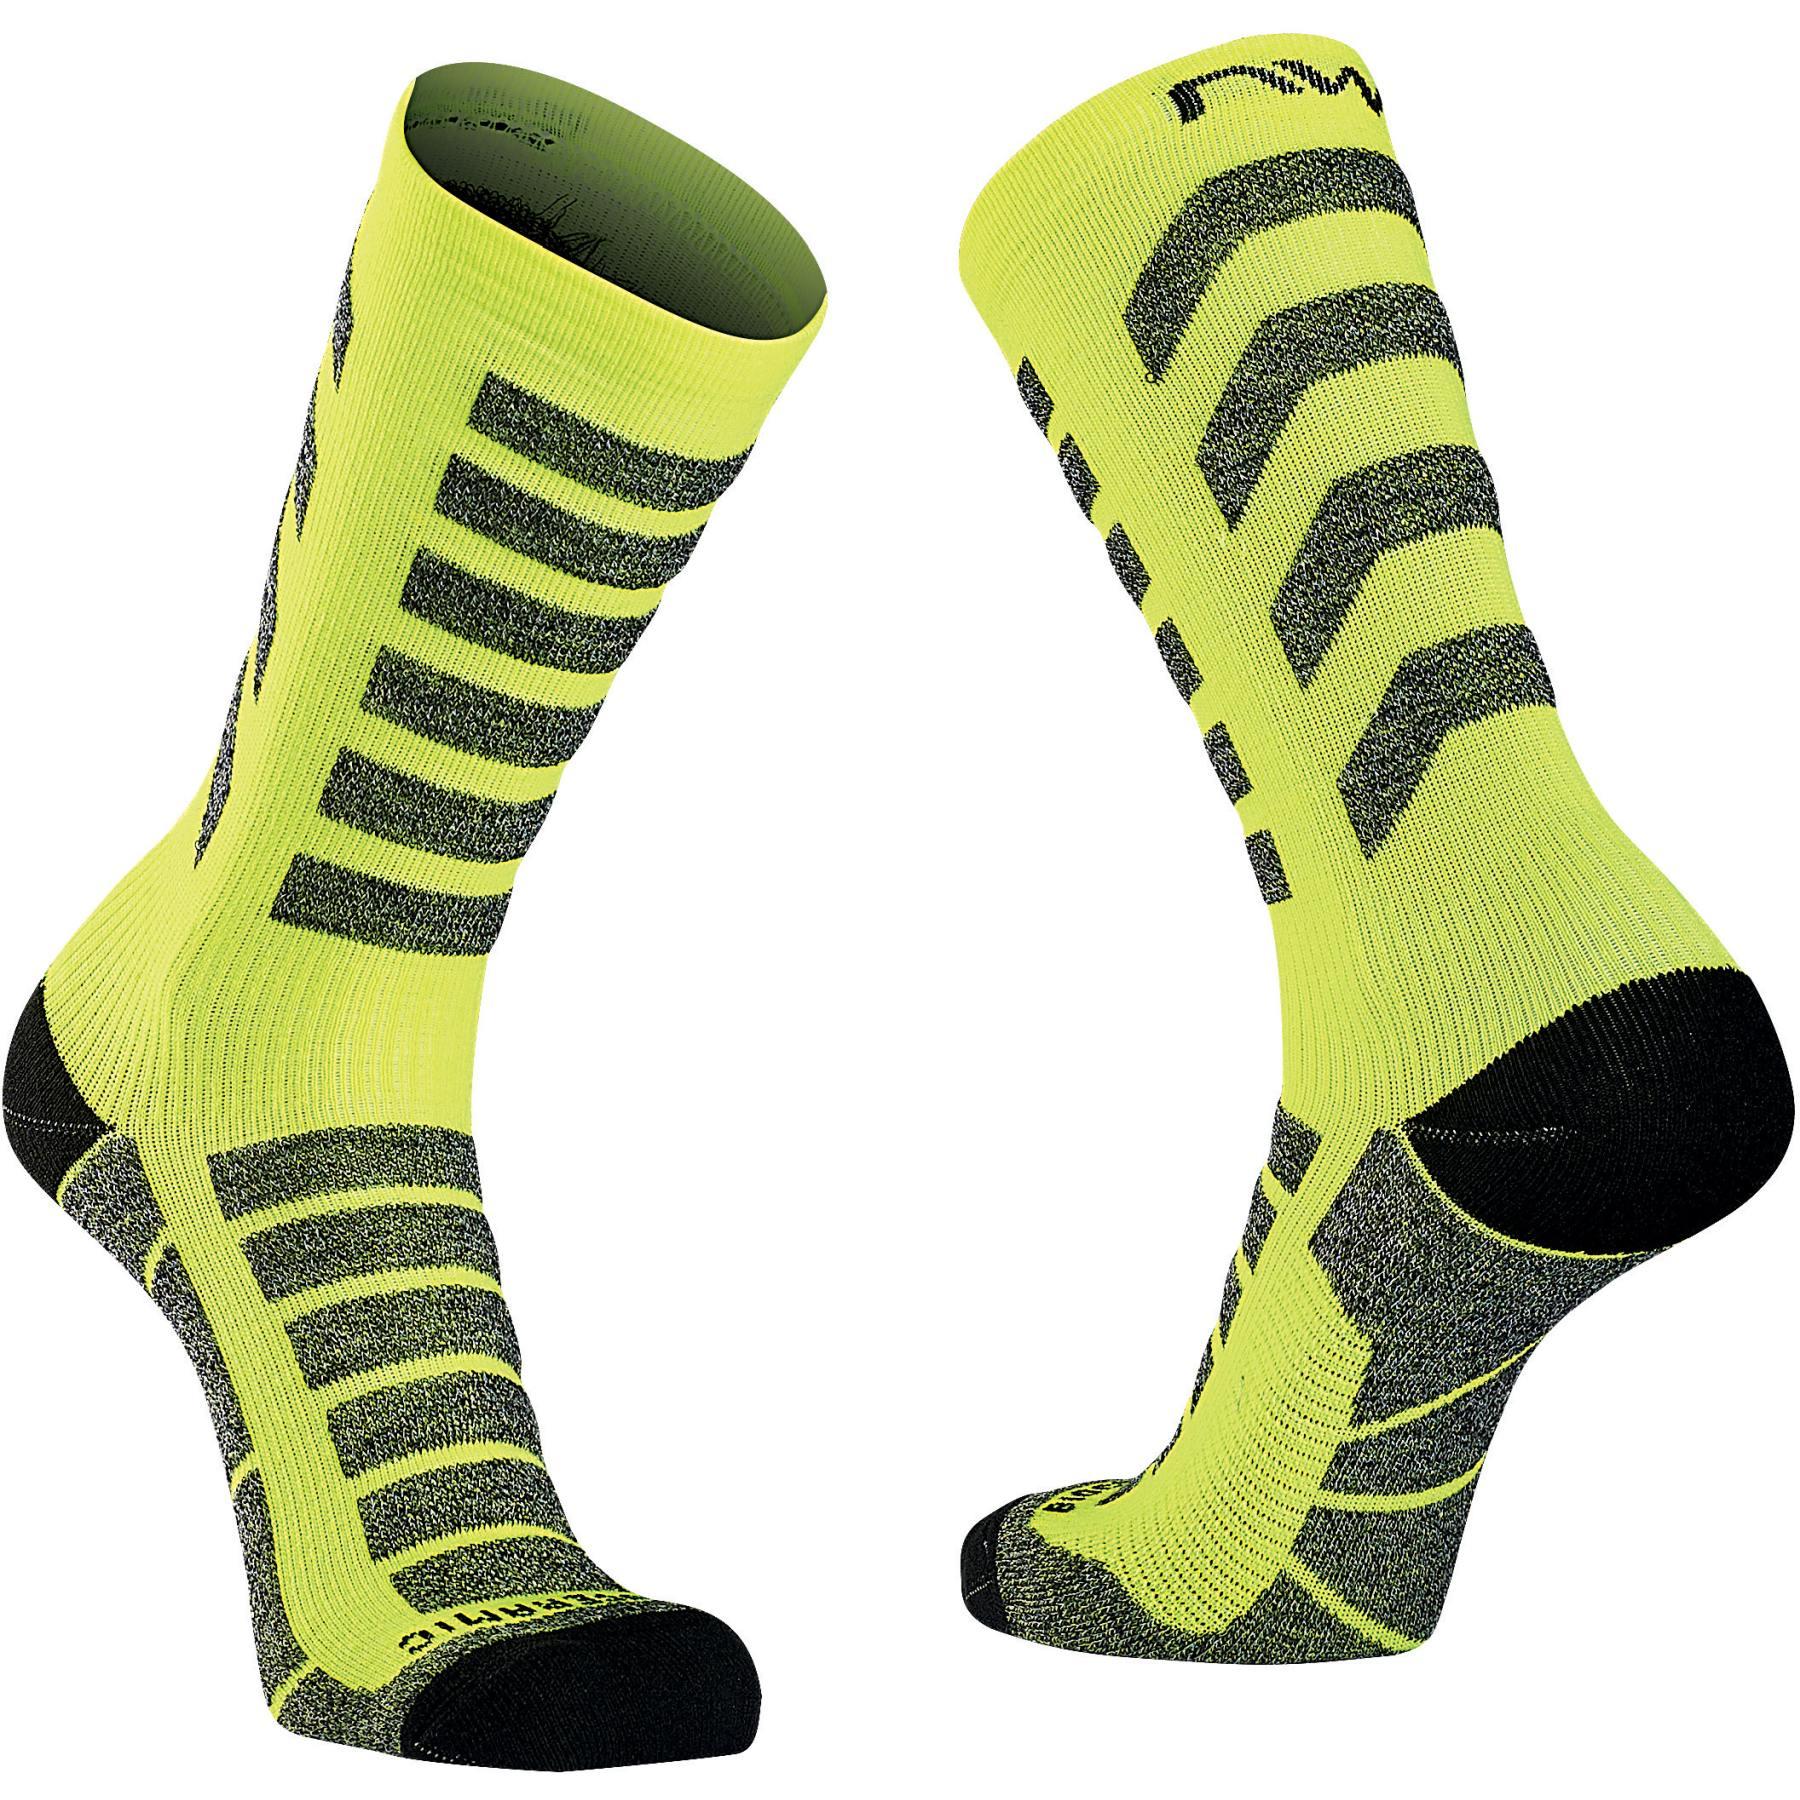 Produktbild von Northwave Husky Ceramic High Socken - yellow fluo